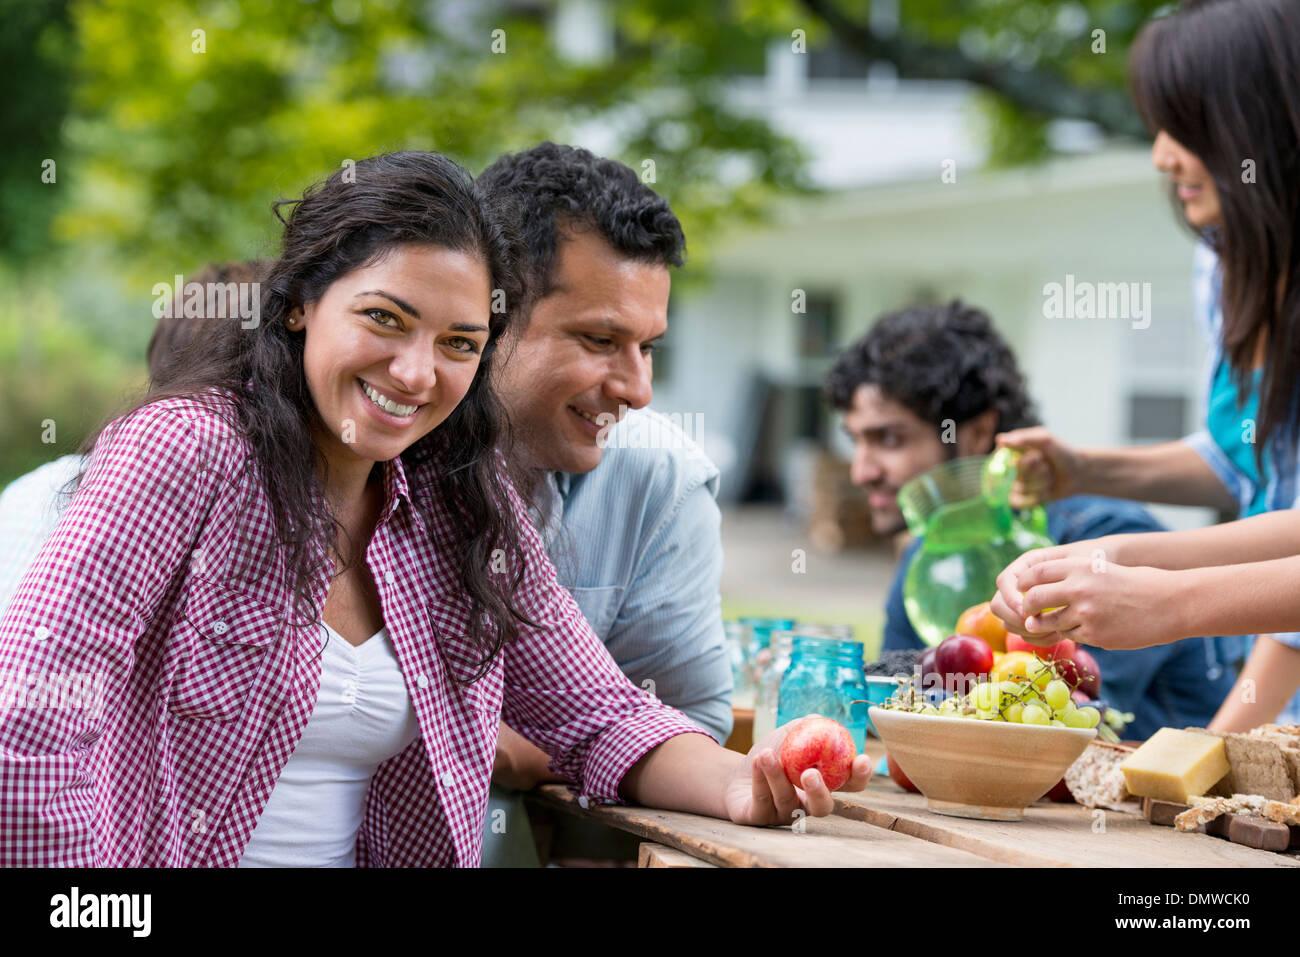 Une partie de l'été à l'extérieur. Les amis autour d'une table. Photo Stock